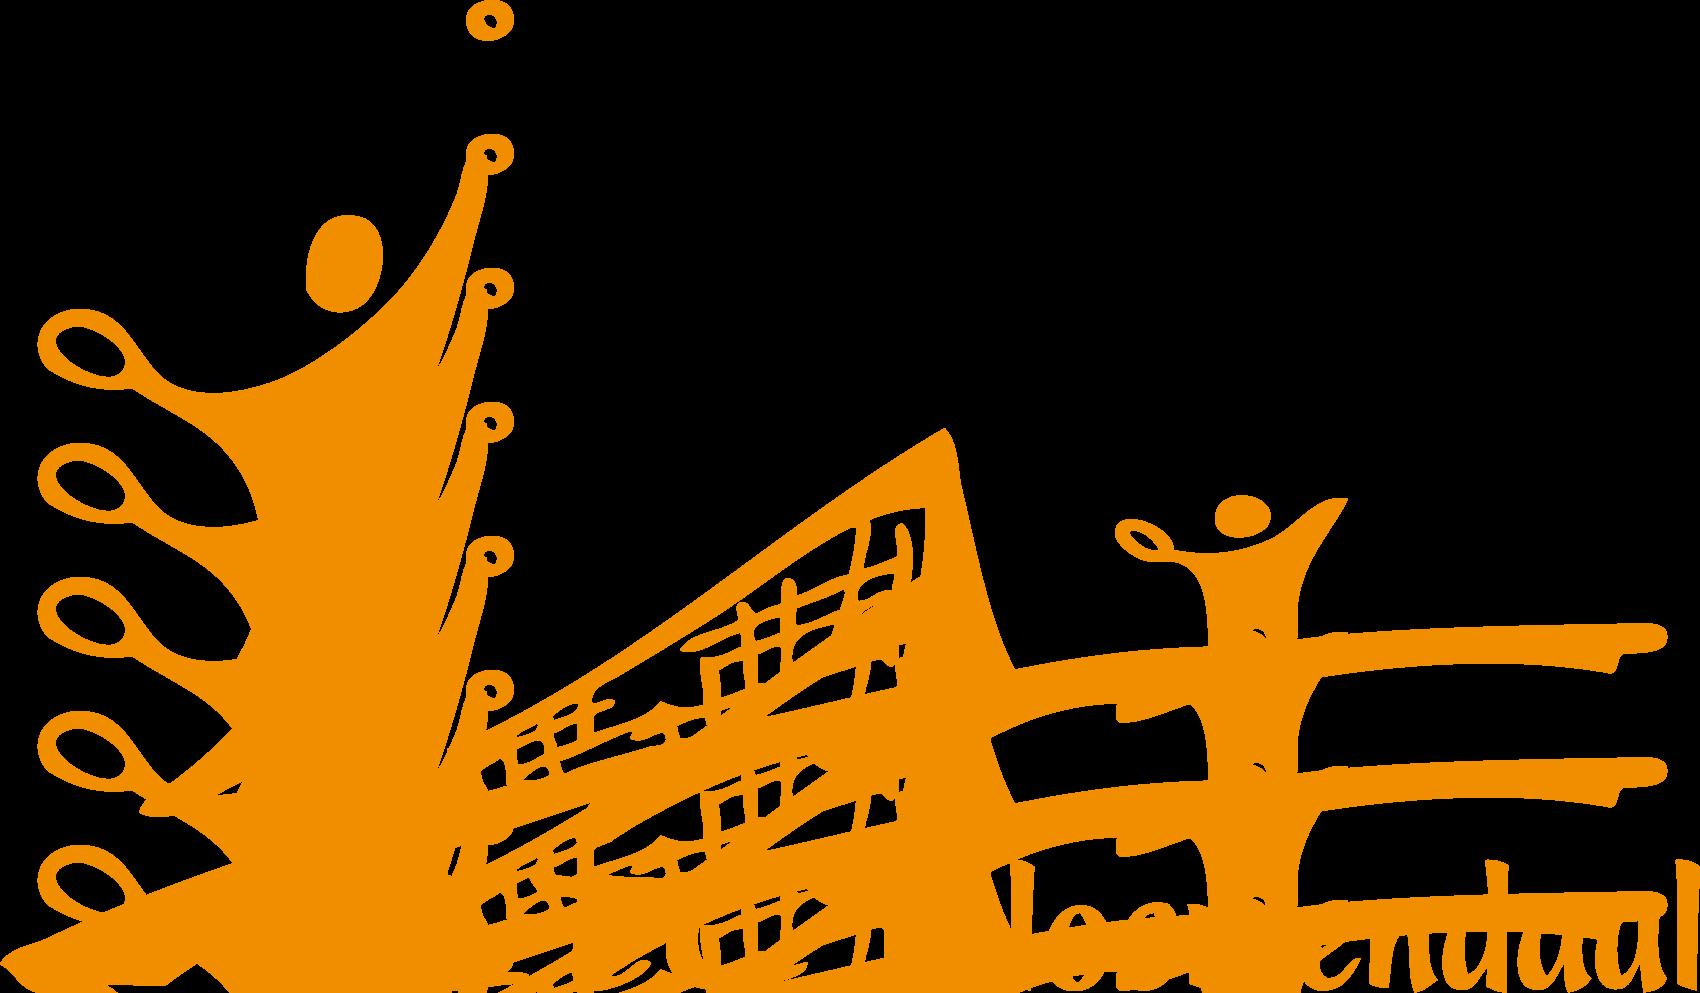 Mooijekind-Vleut-Sponsort-LTC-Bloemendaal